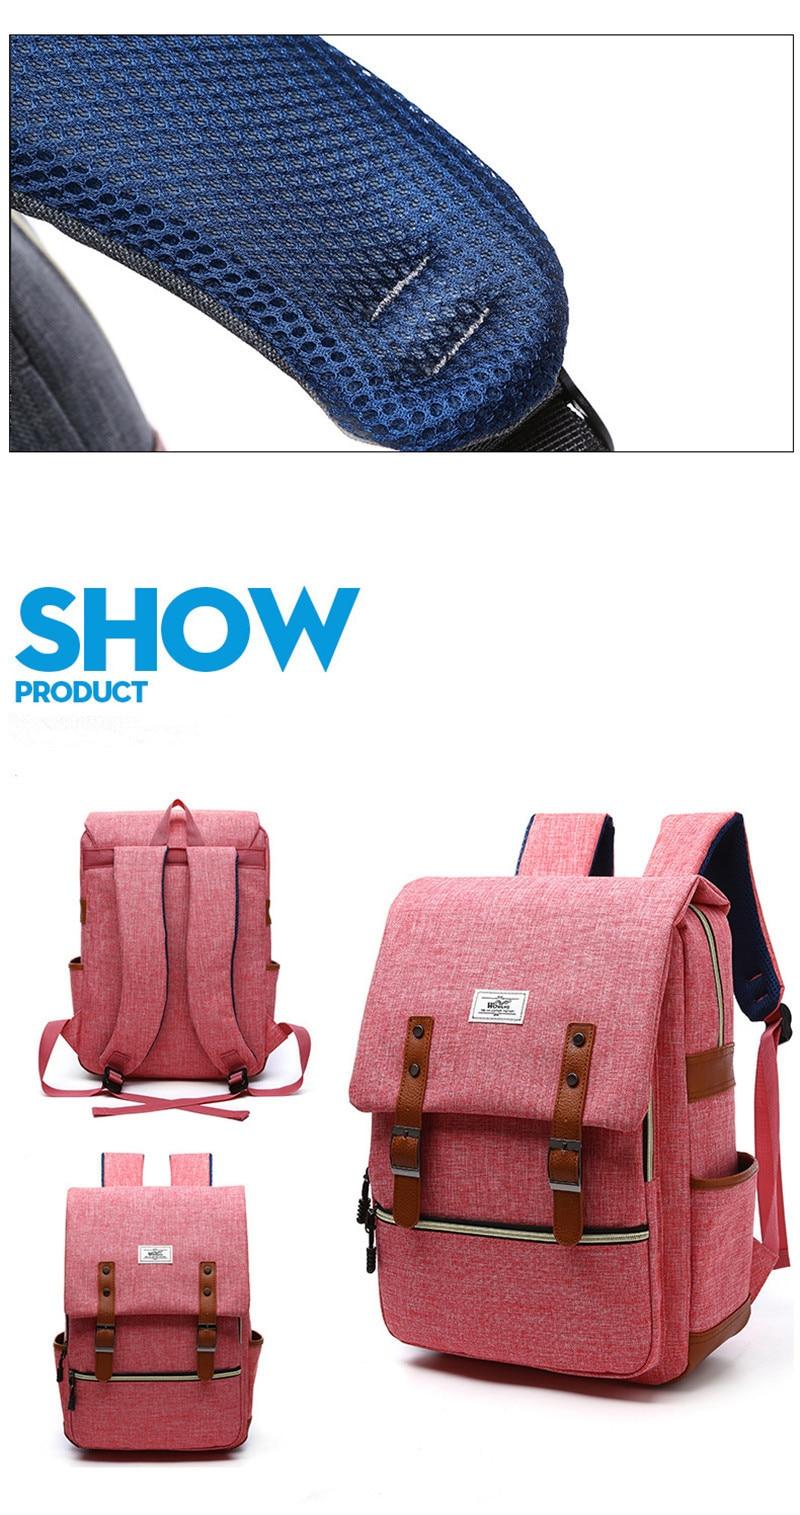 ortopédicos mochila crianças mochilas escolares primária mochila crianças mochila